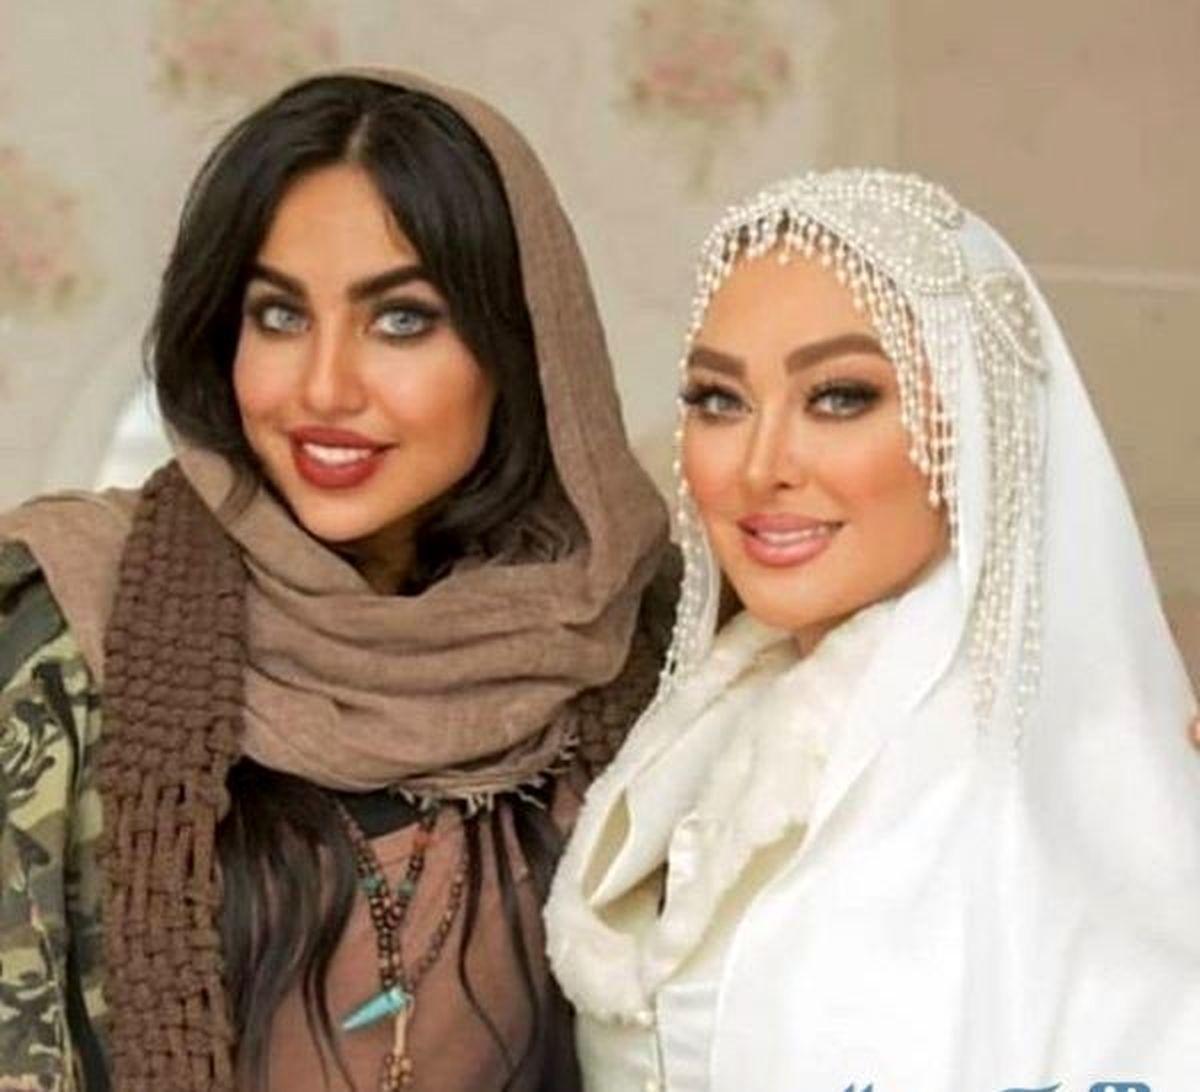 الهام حمیدی|جنجال ماجرای ازدواج دوم  + تصاویر مراسم ازدواج